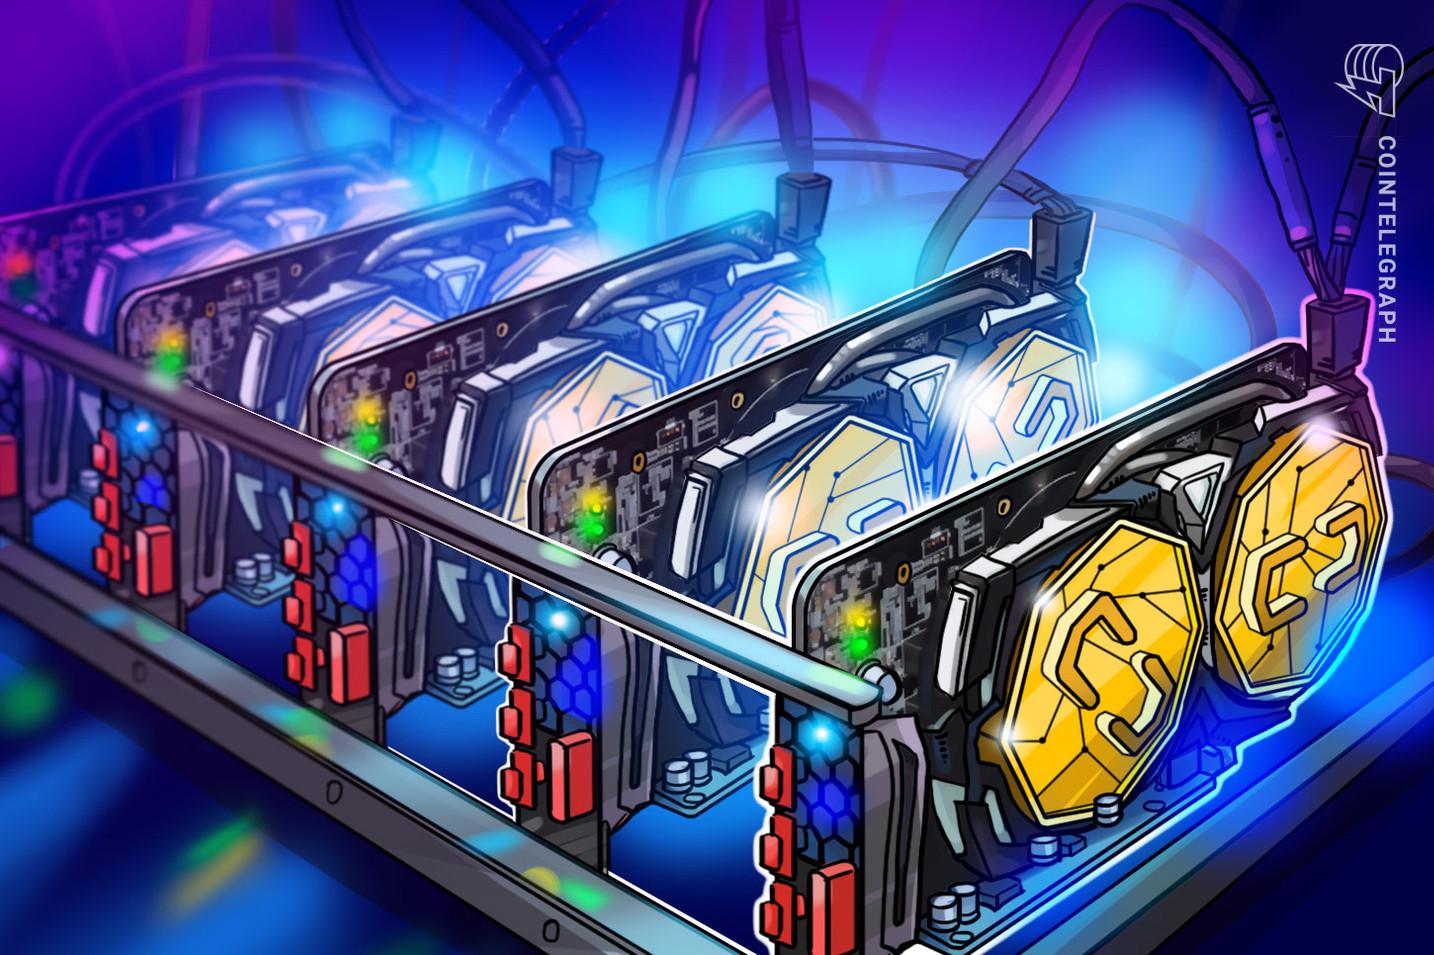 Fundo institucional de mineração de Bitcoin da Bitfury obtém aprovação de regulador da UE